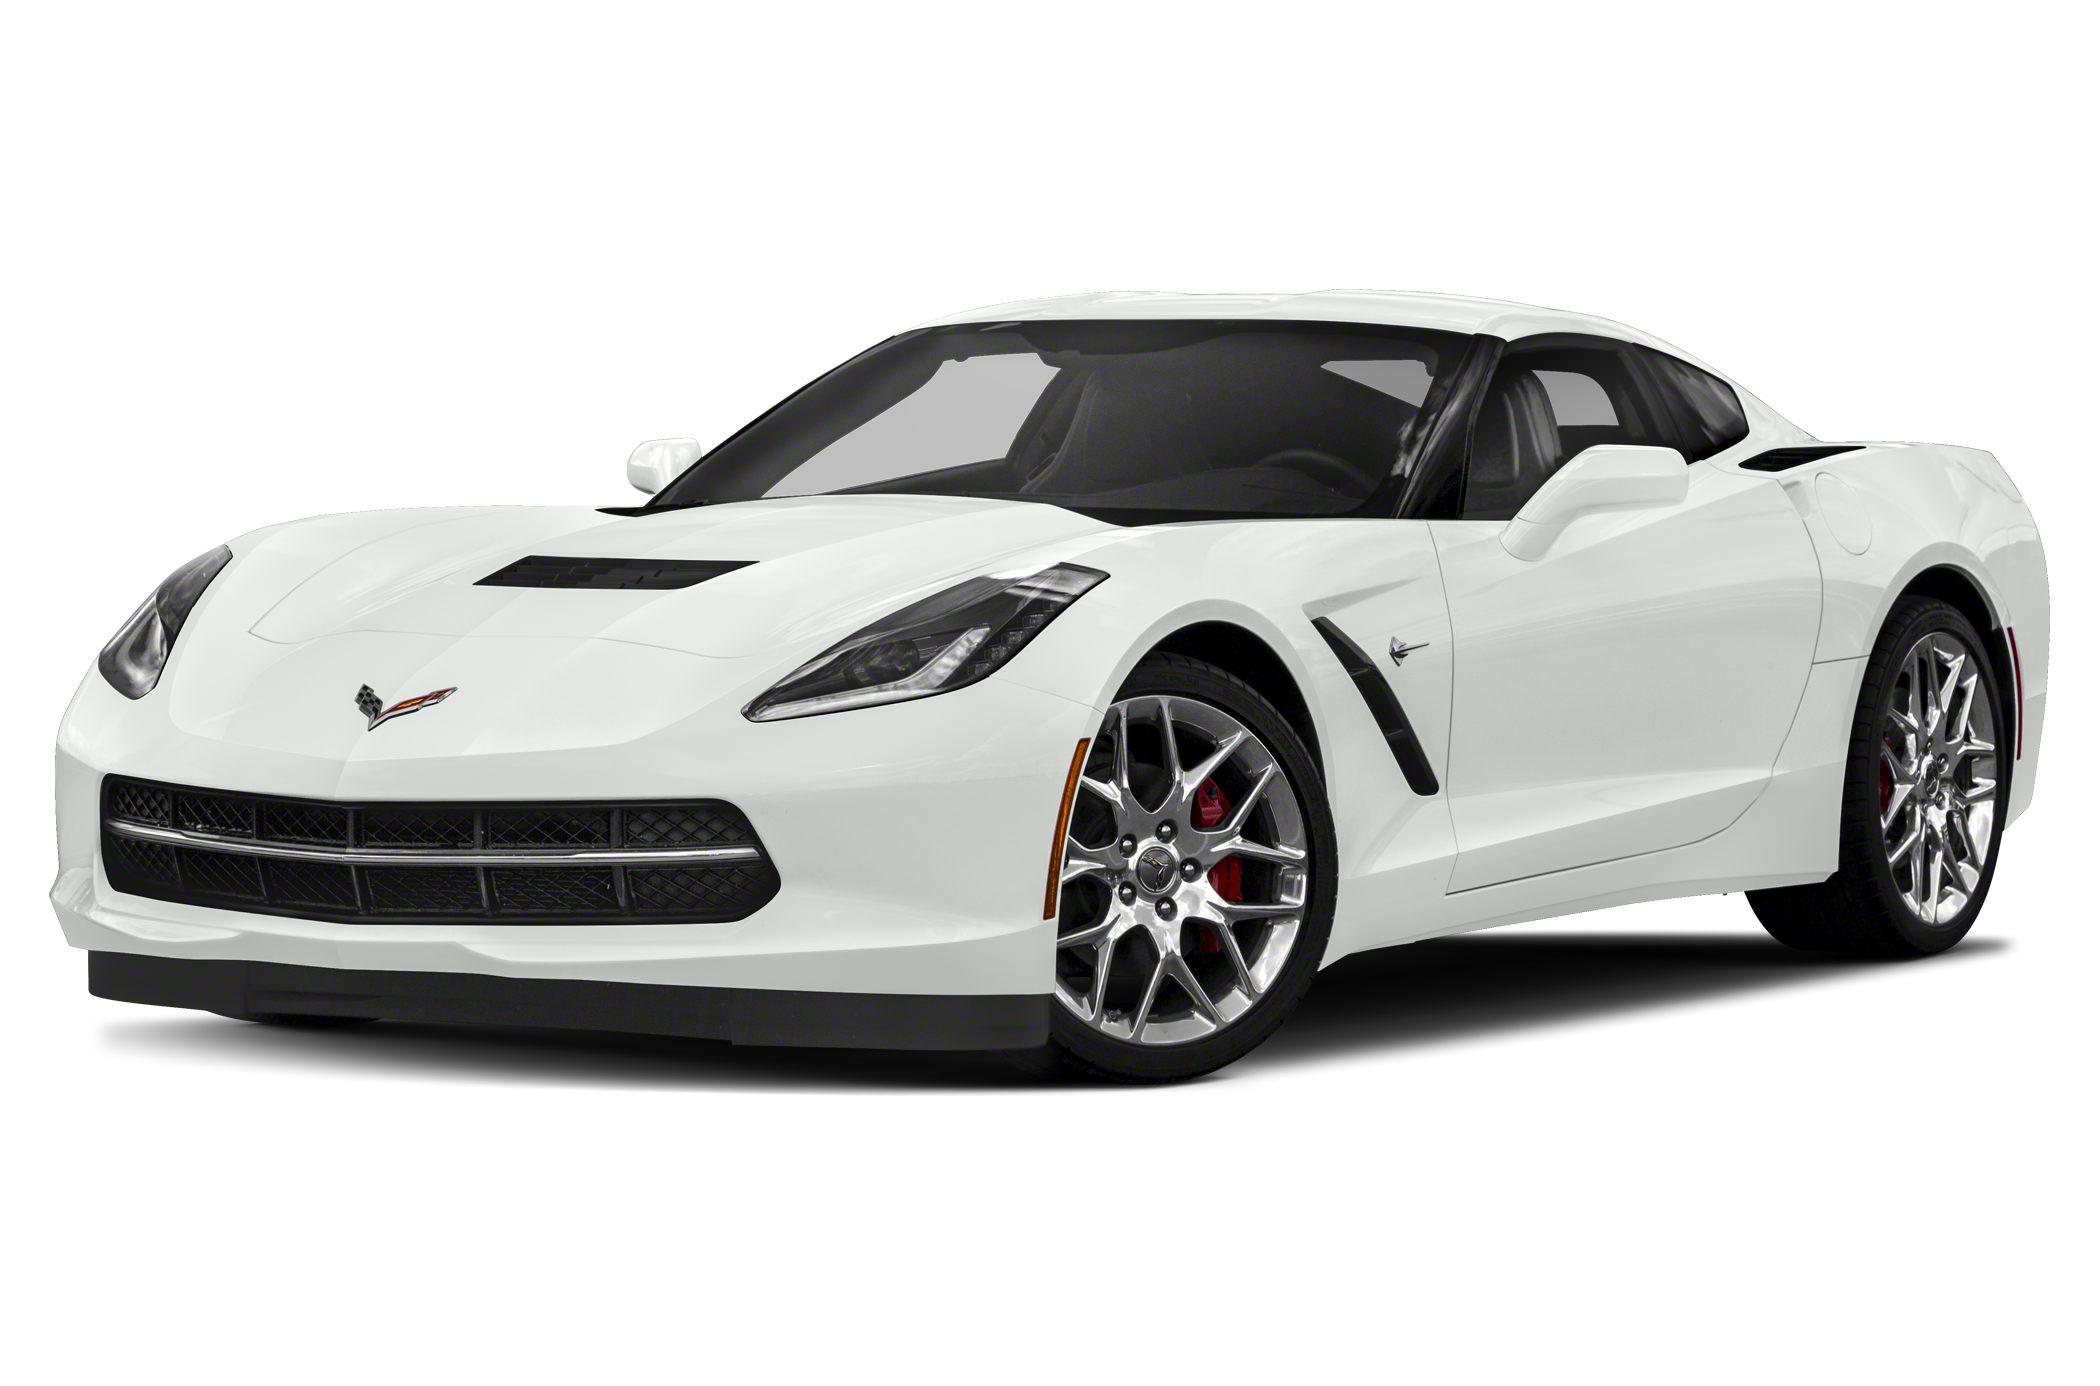 2018 Chevrolet Corvette Specs and Prices.